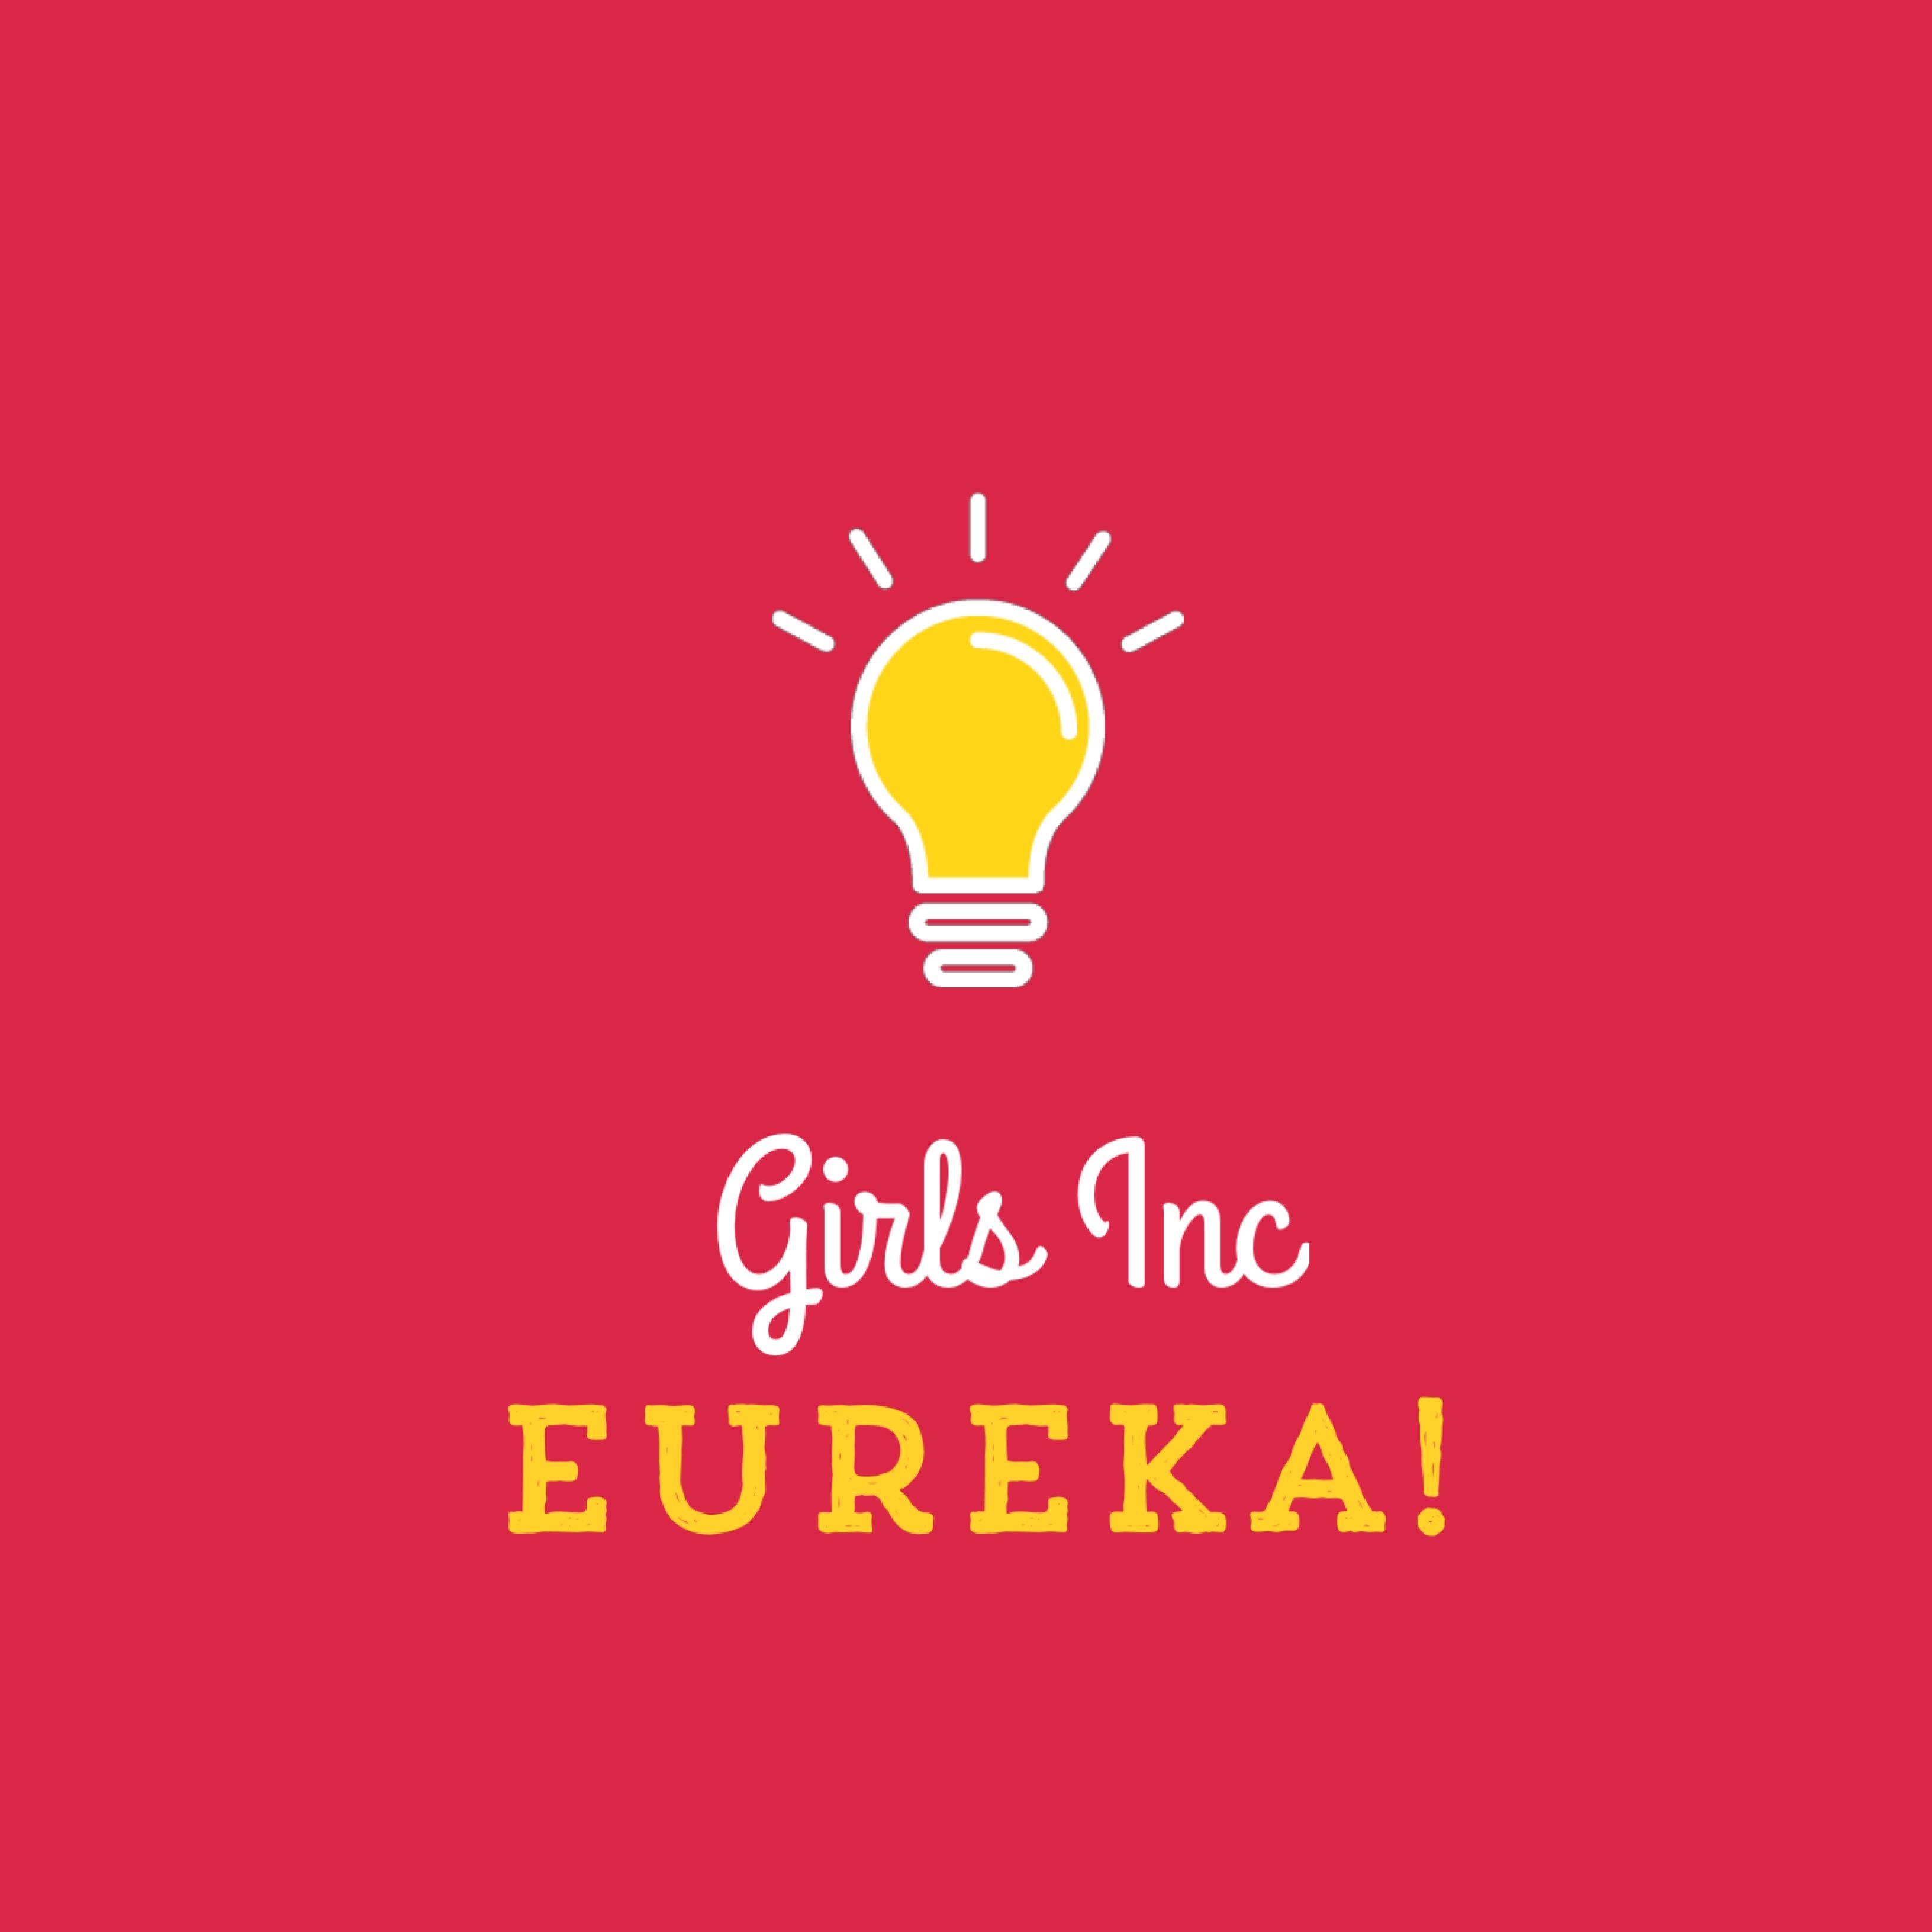 GI Eureka!